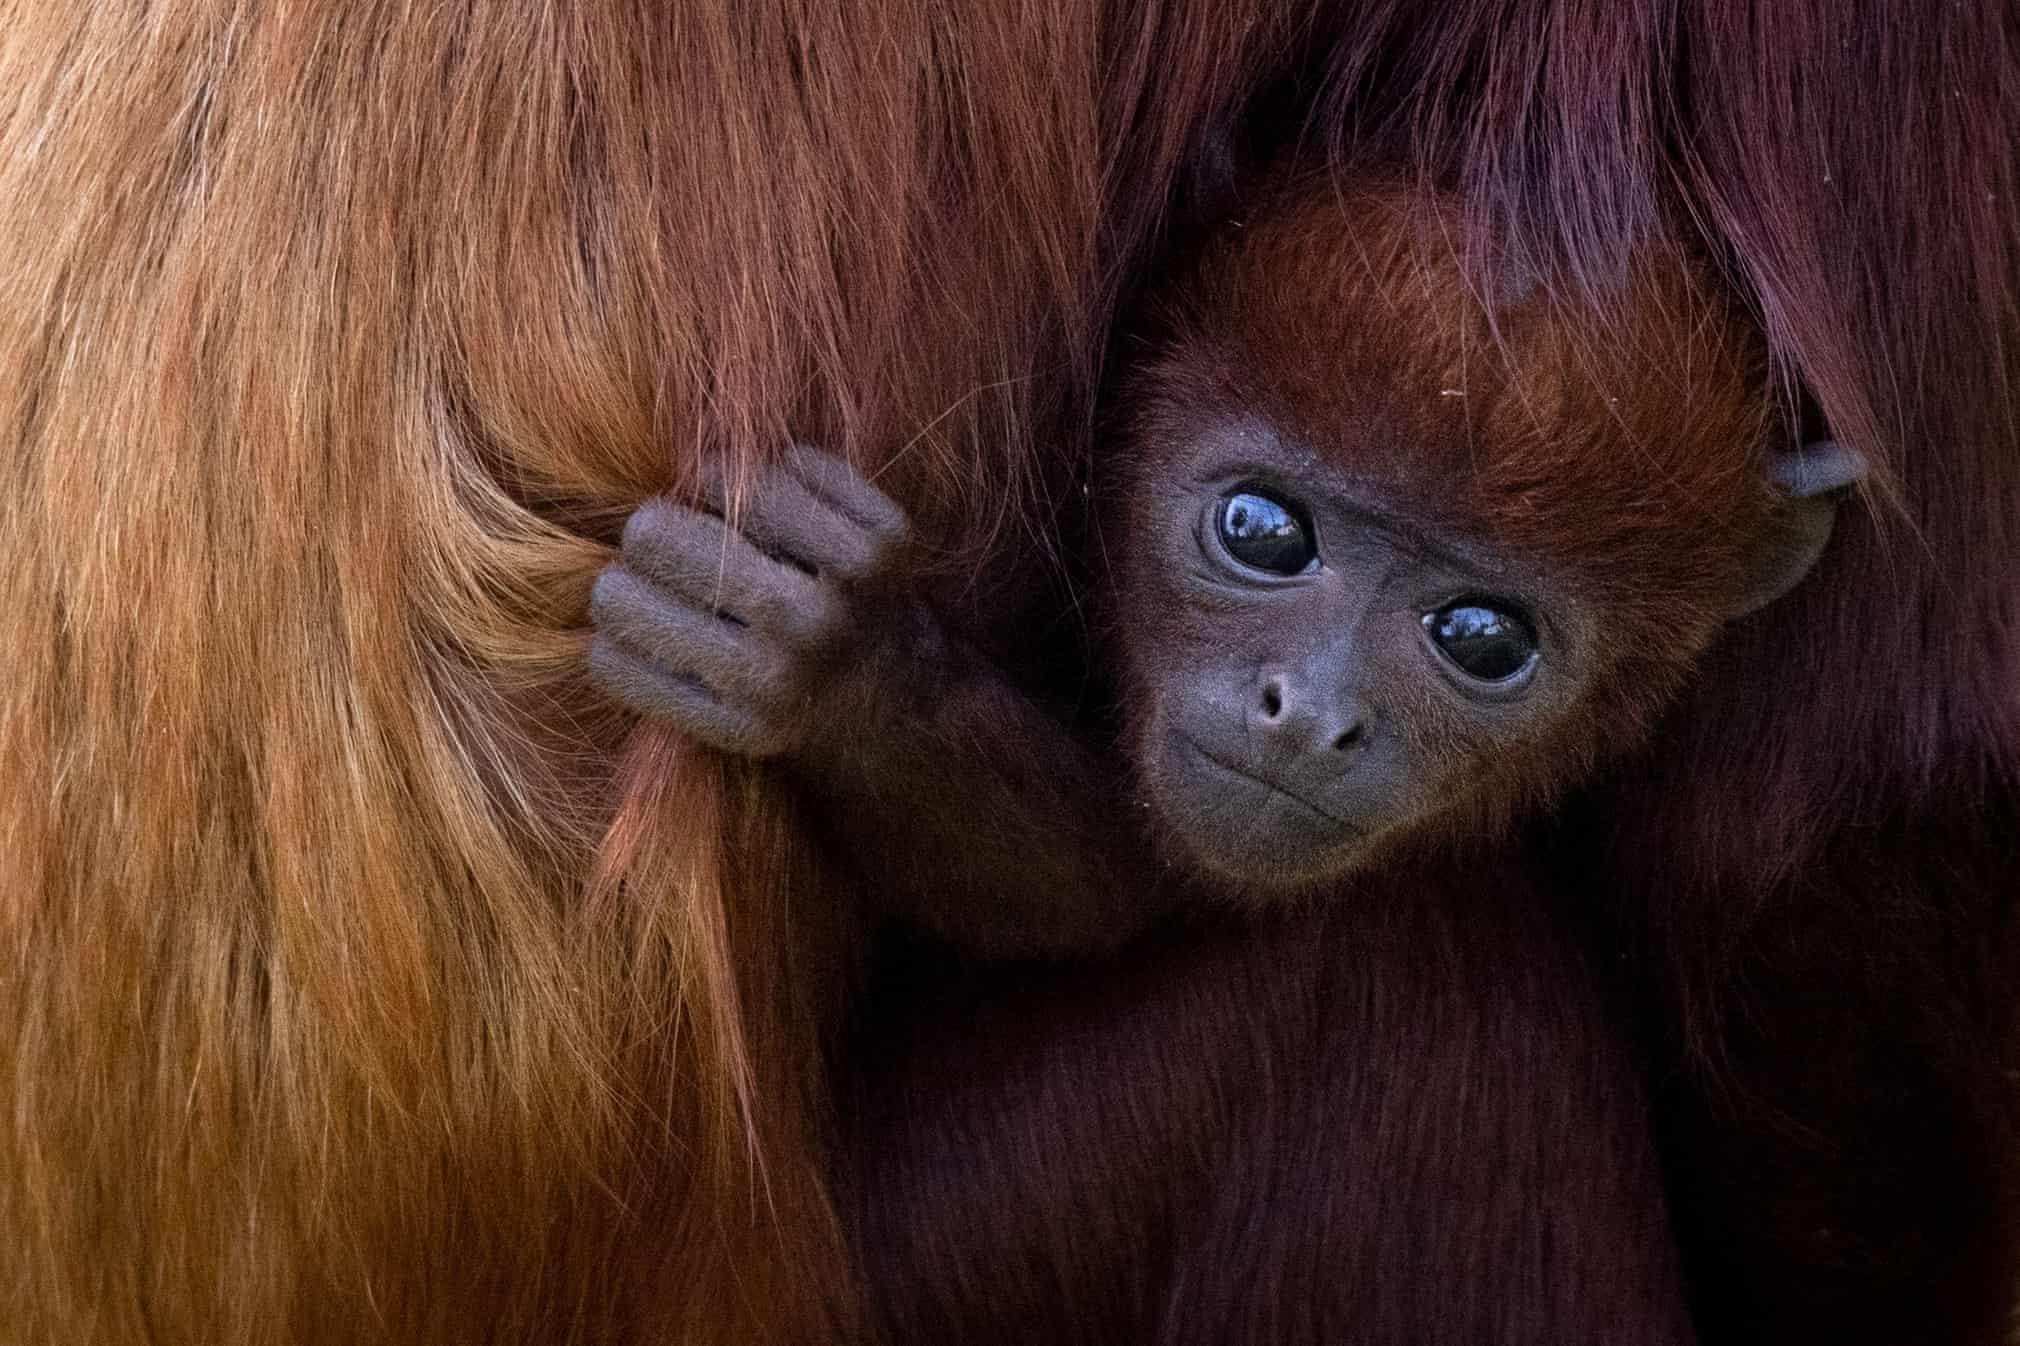 میمون تازه متولد شده در پارک جانورشناسی فرانسه + عکس